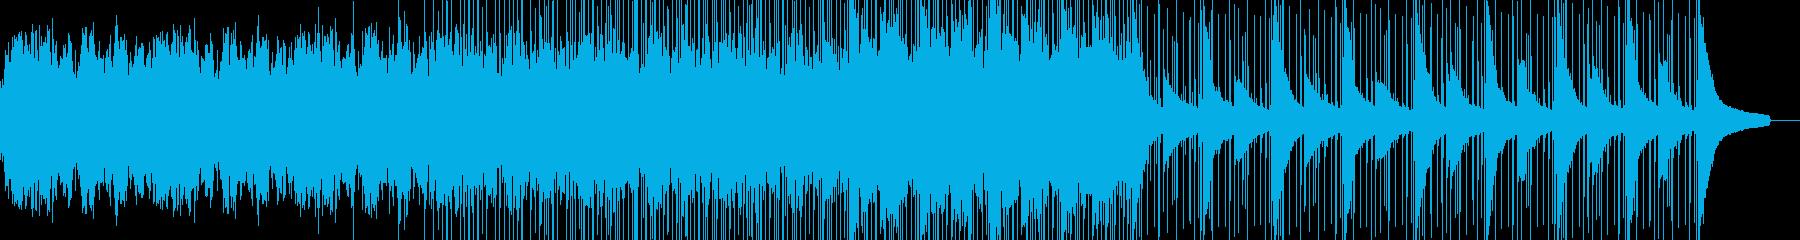 ニューエイジエレクトロインストゥル...の再生済みの波形